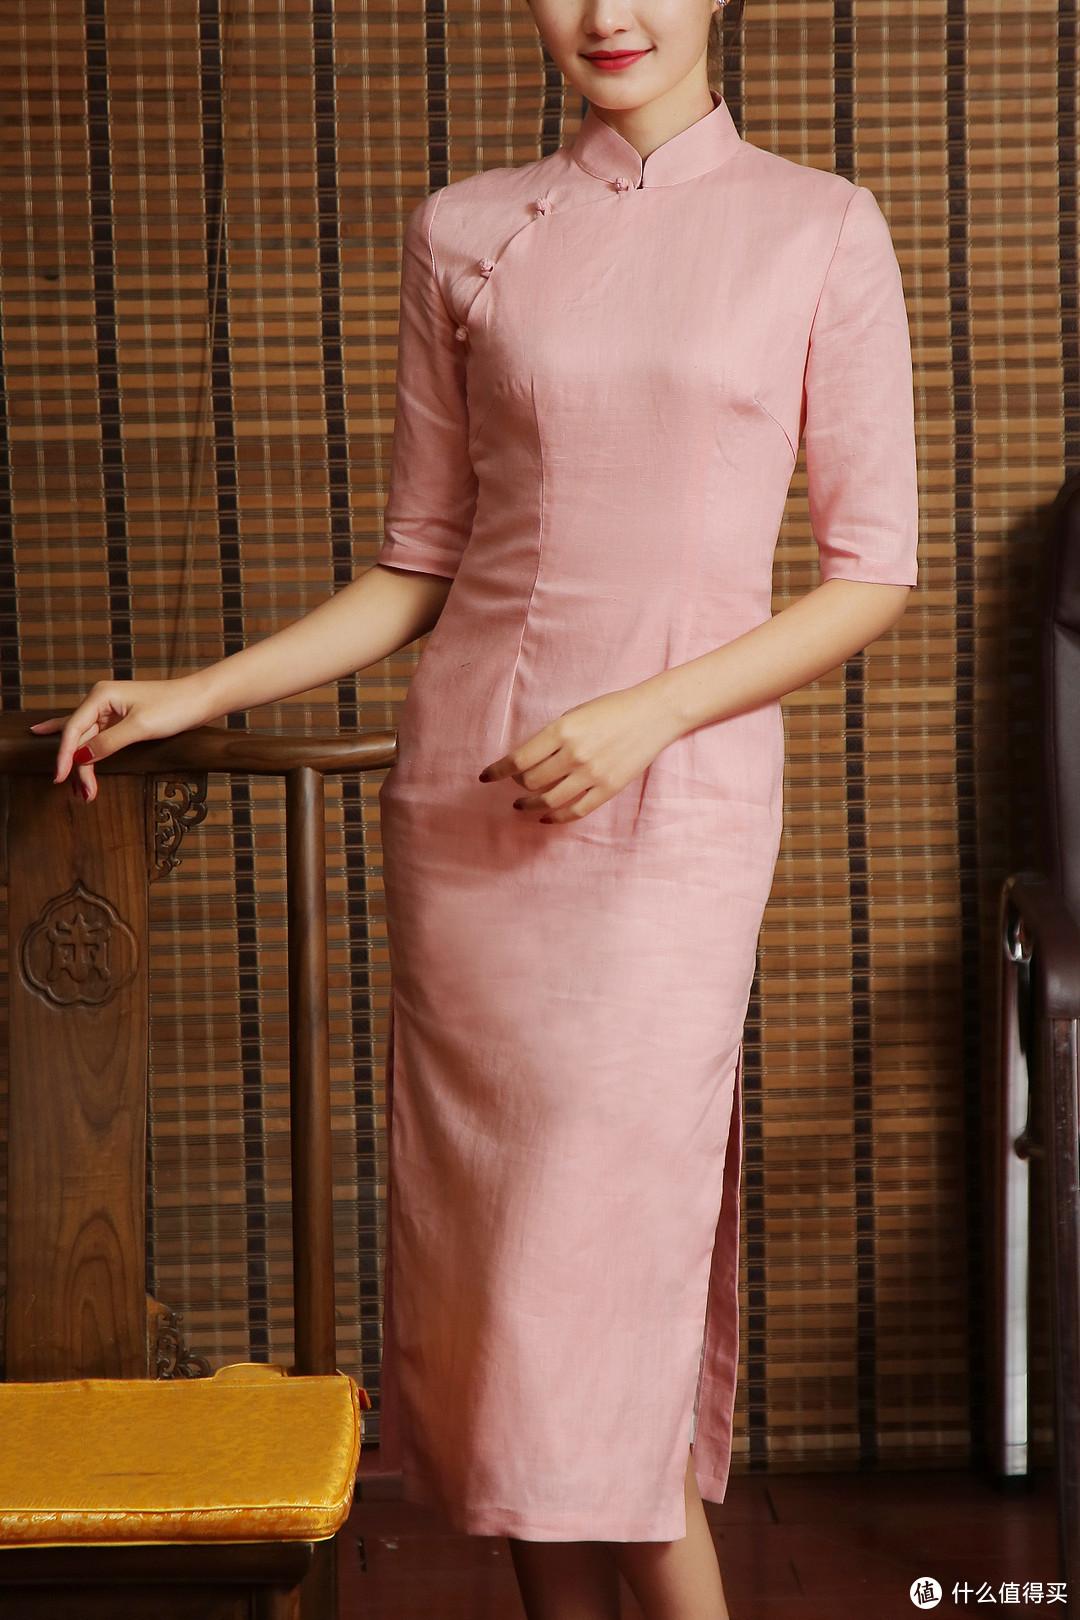 纯欲高叉、以曲为美,传统服装里的精致霓裳,带你了解知性美